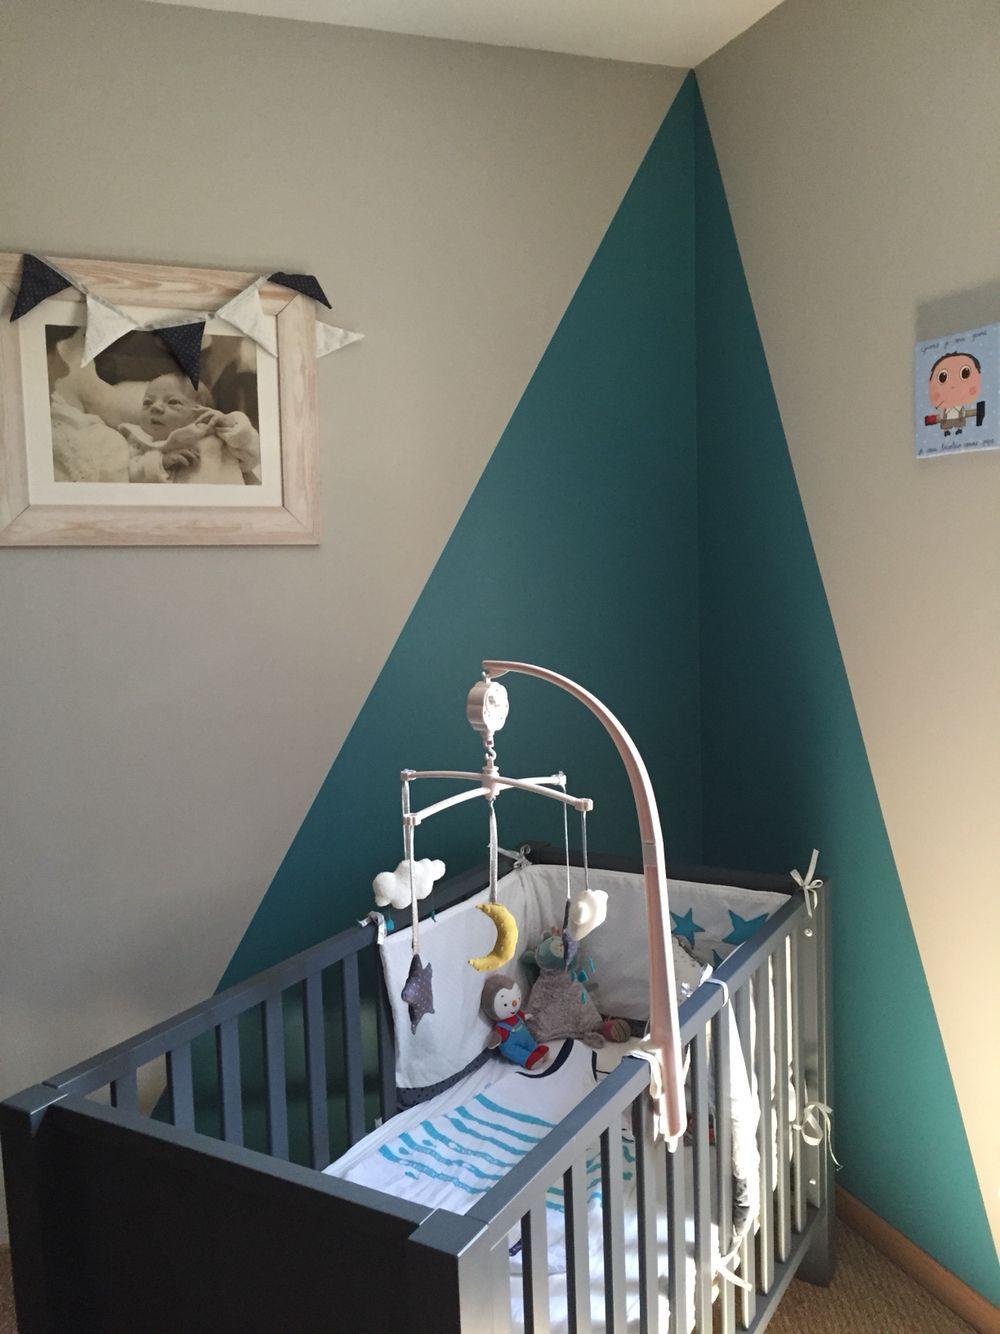 Épinglé par Agathe sur idee deco chambre garcon  Deco chambre